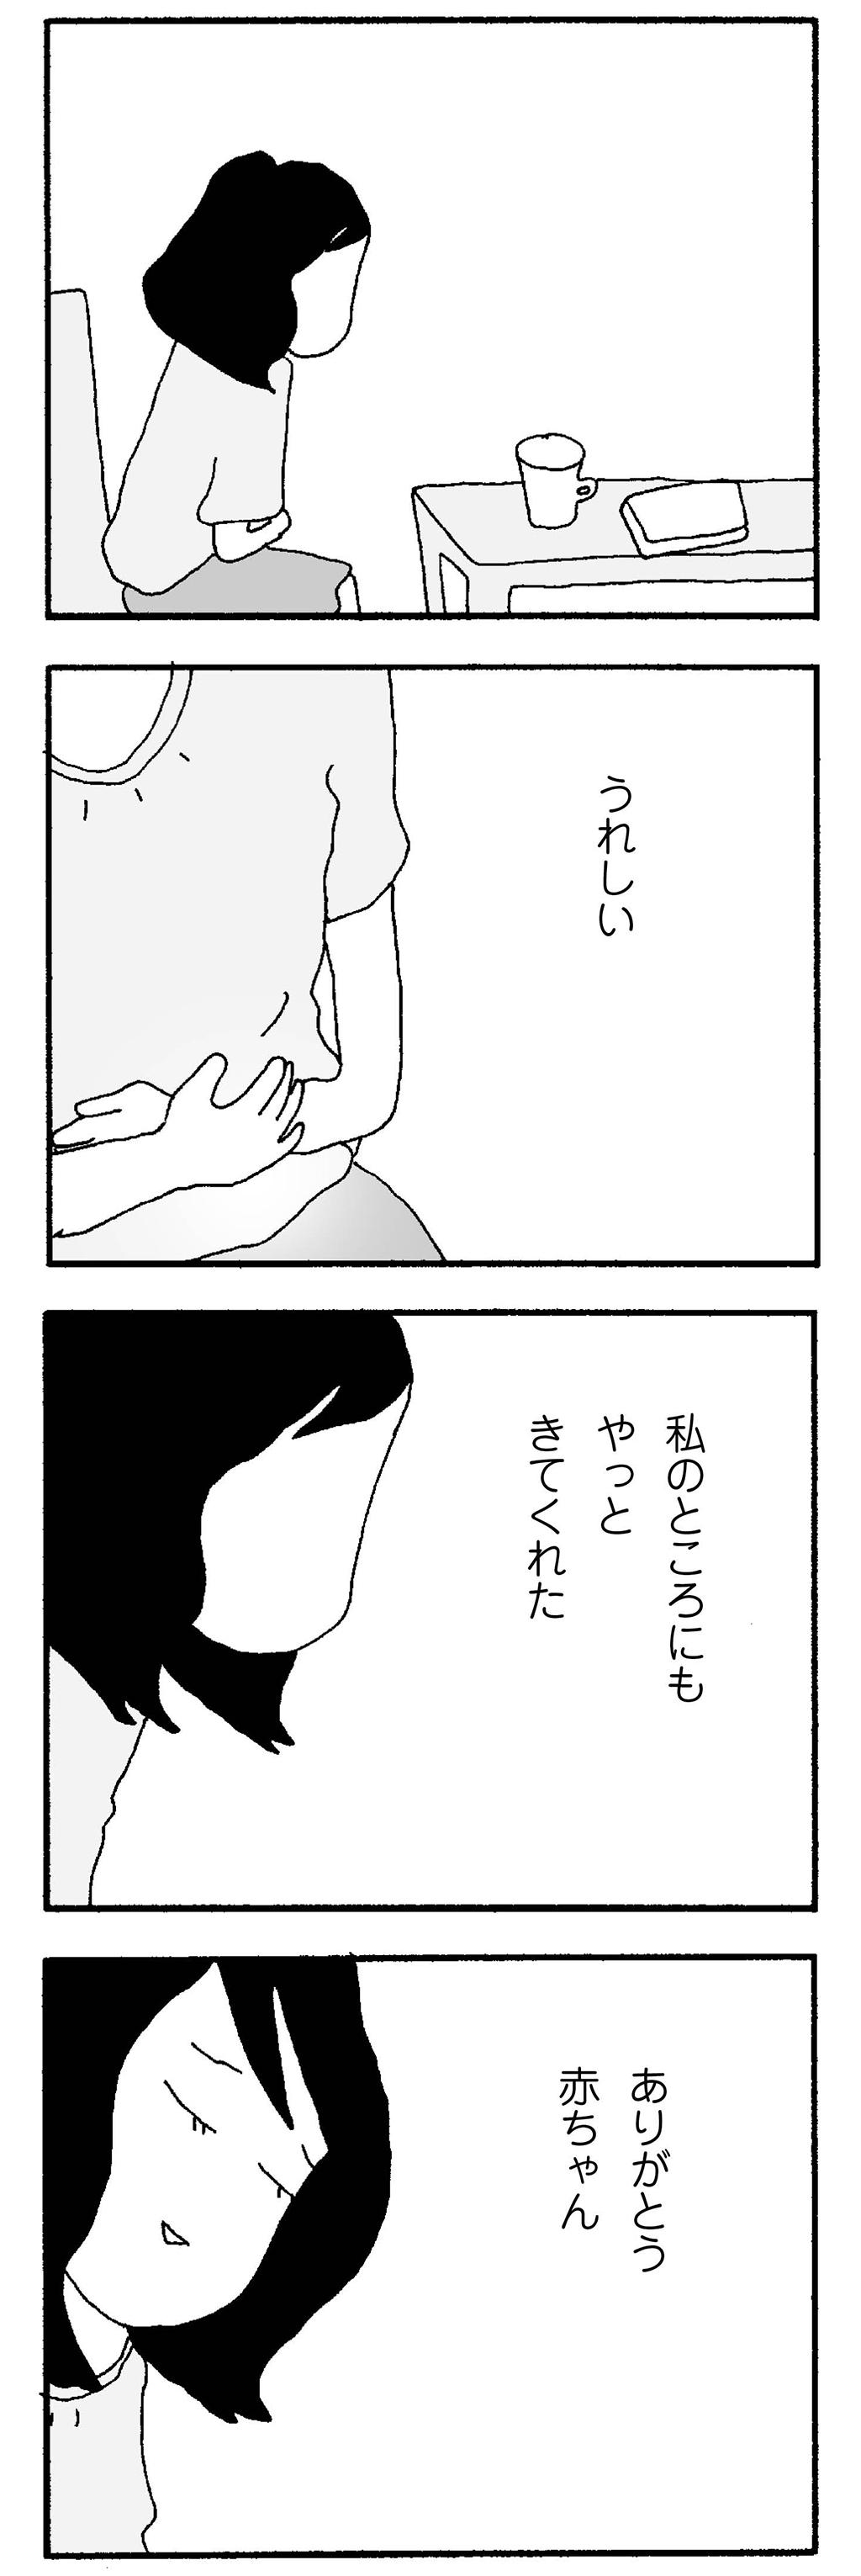 ママ 友 が こわい 20